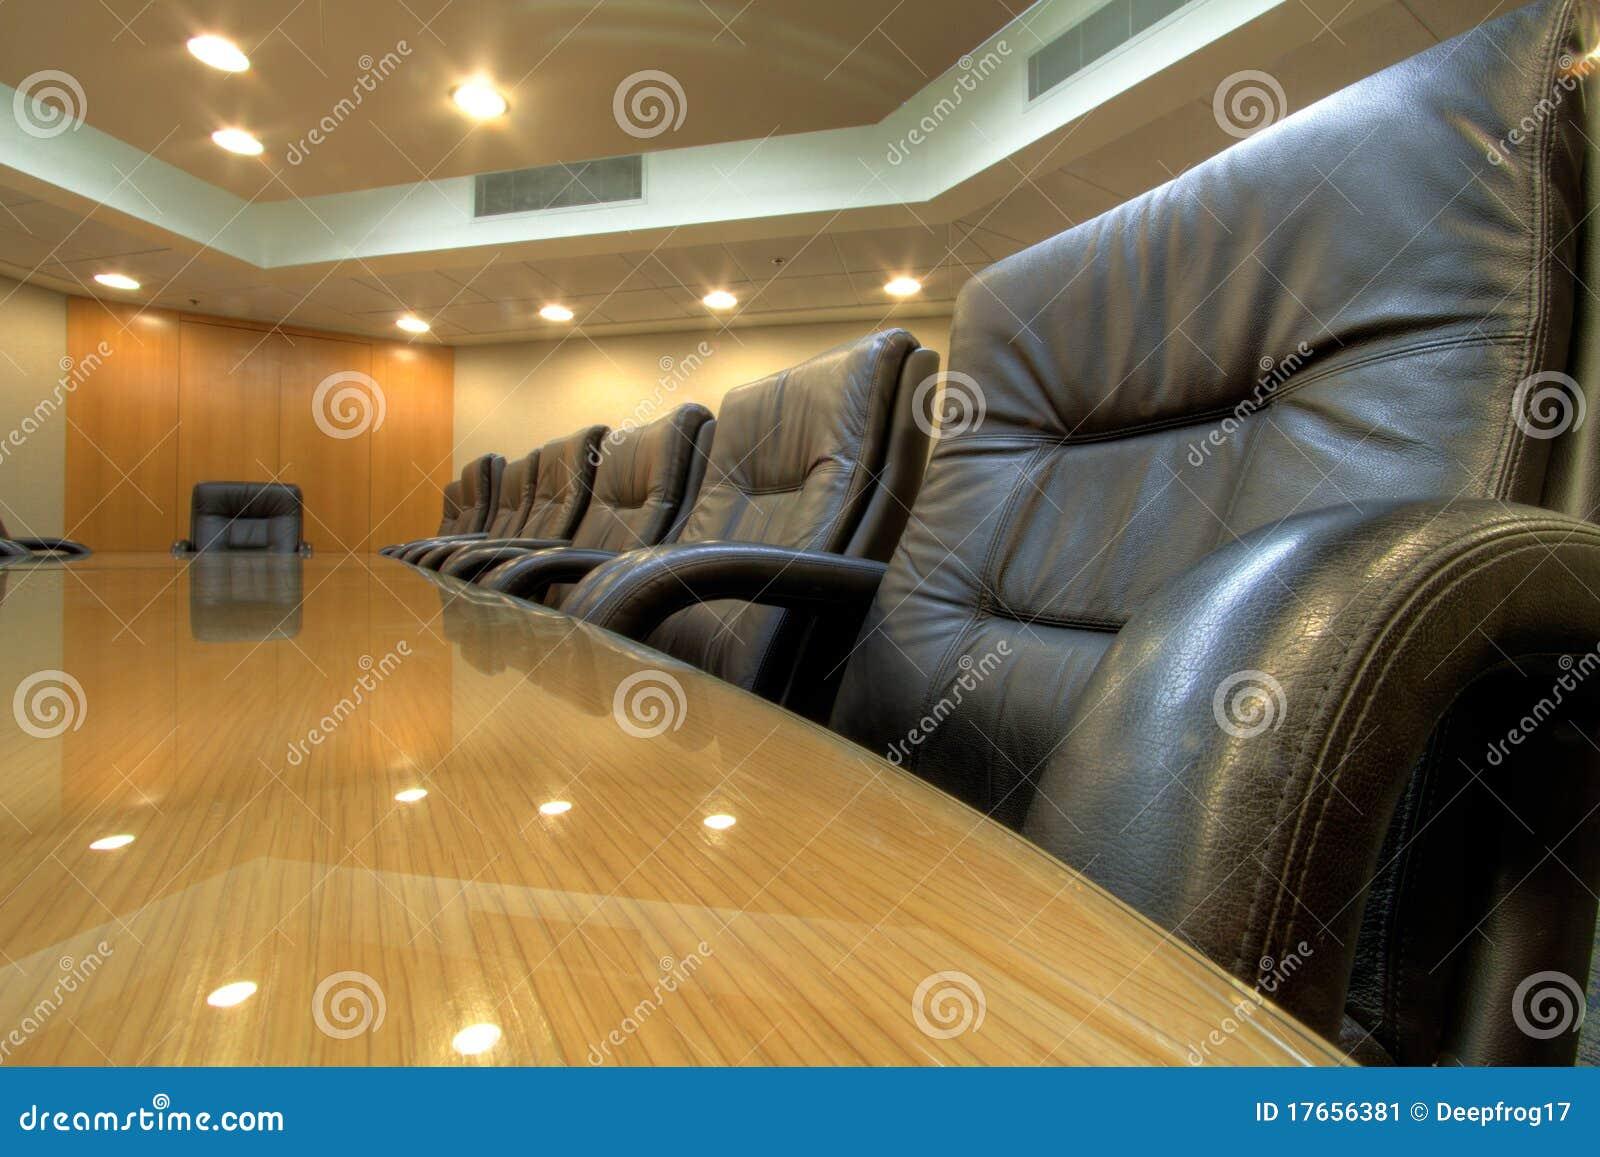 Table de salle du conseil d administration dans la salle de conférence